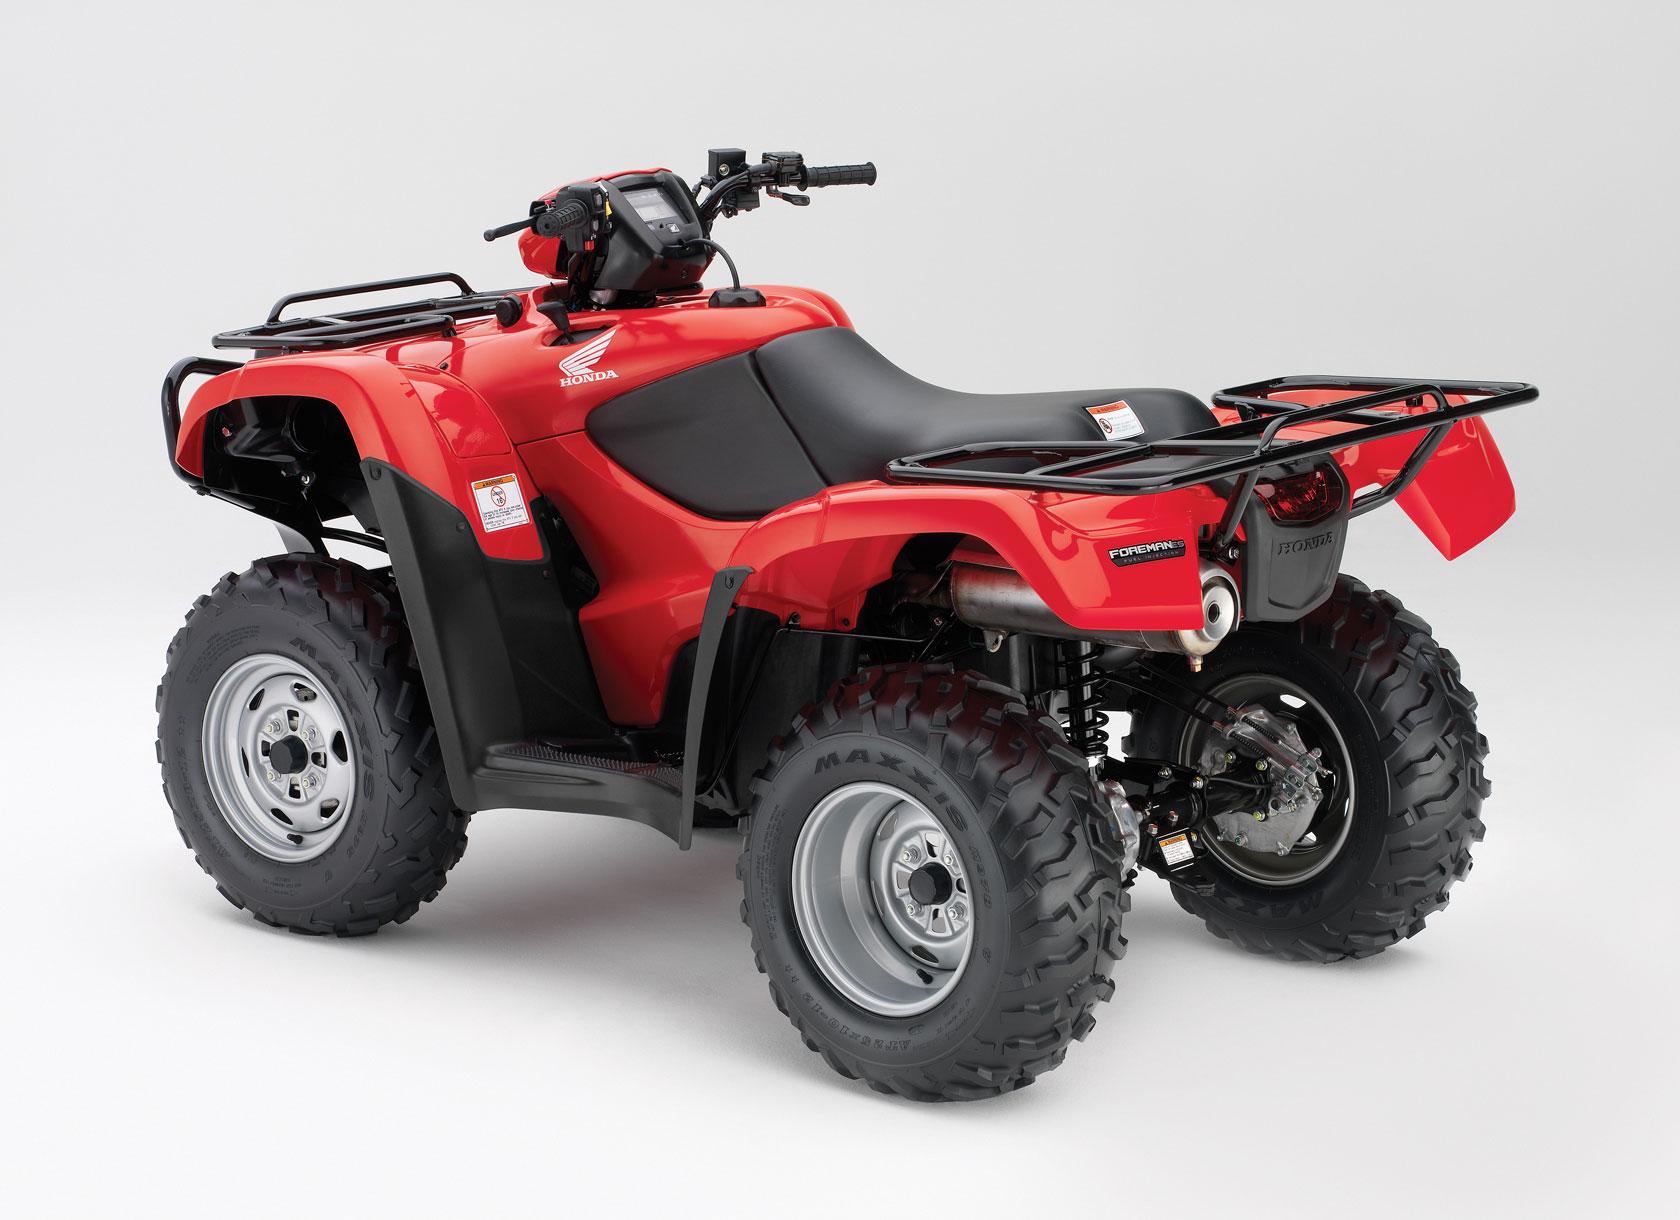 HONDA TRX500FE FOREMAN ES 4X4 PARTS